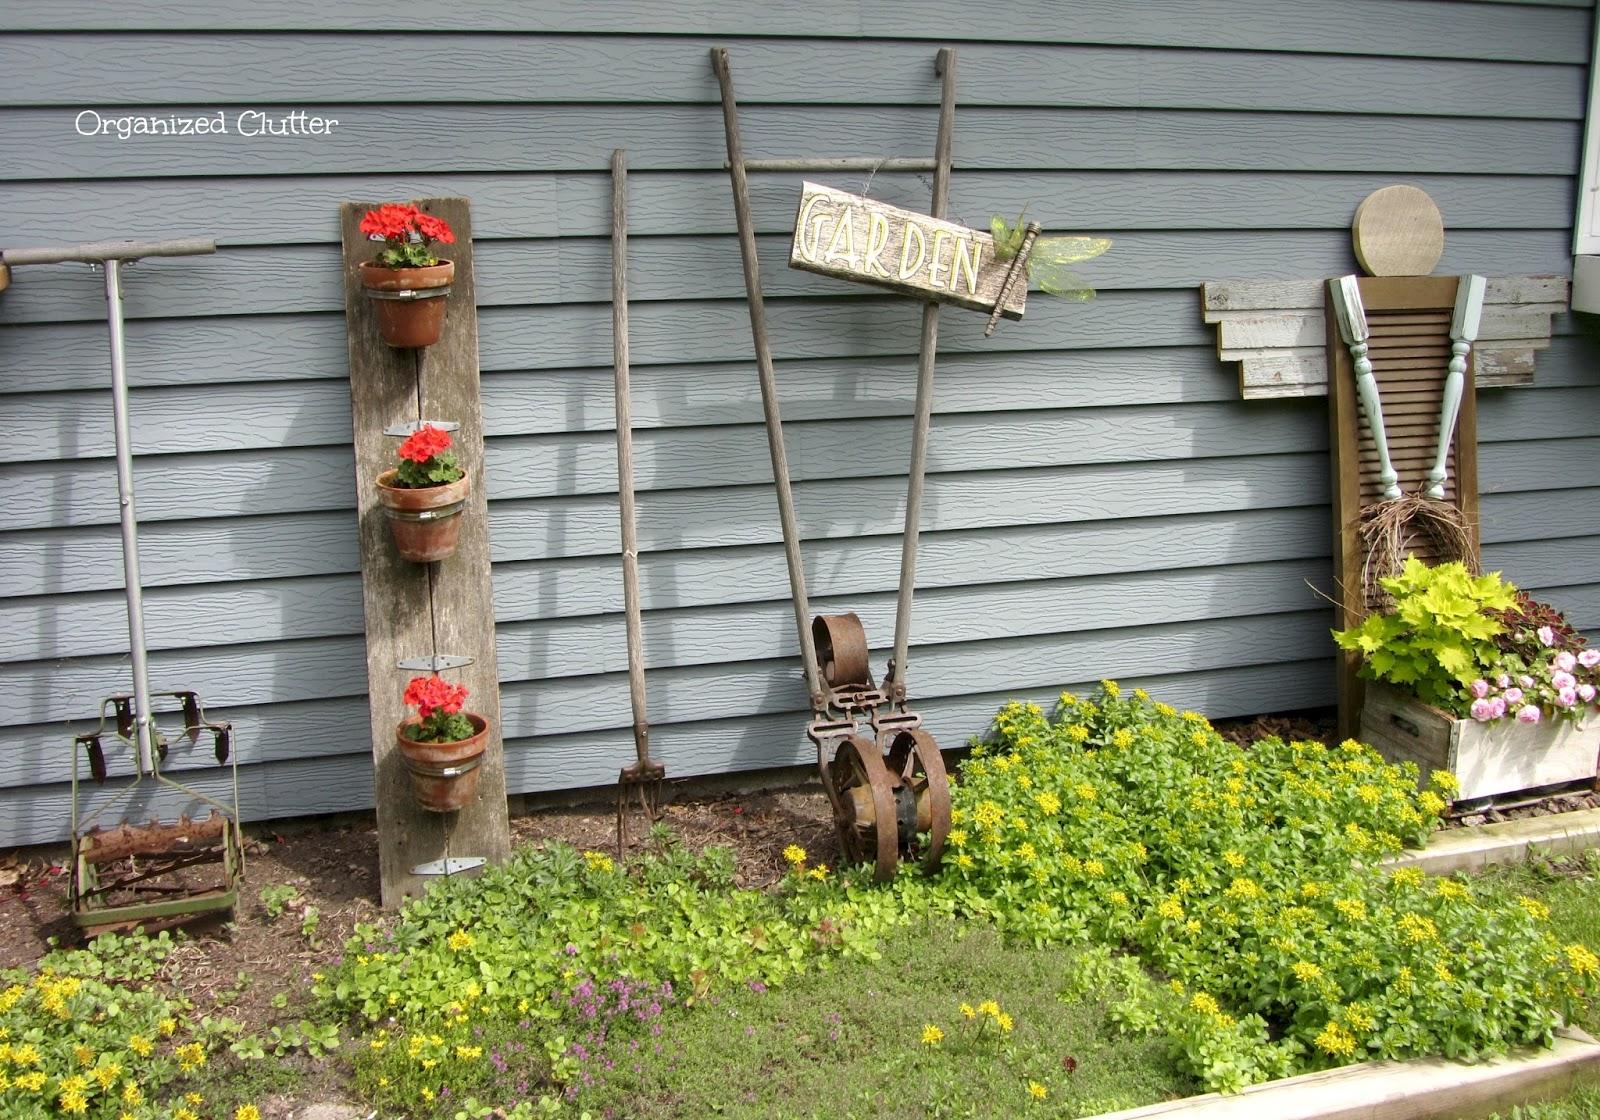 Garden Junk Displays www.organizedclutterqueen.blogspot.com